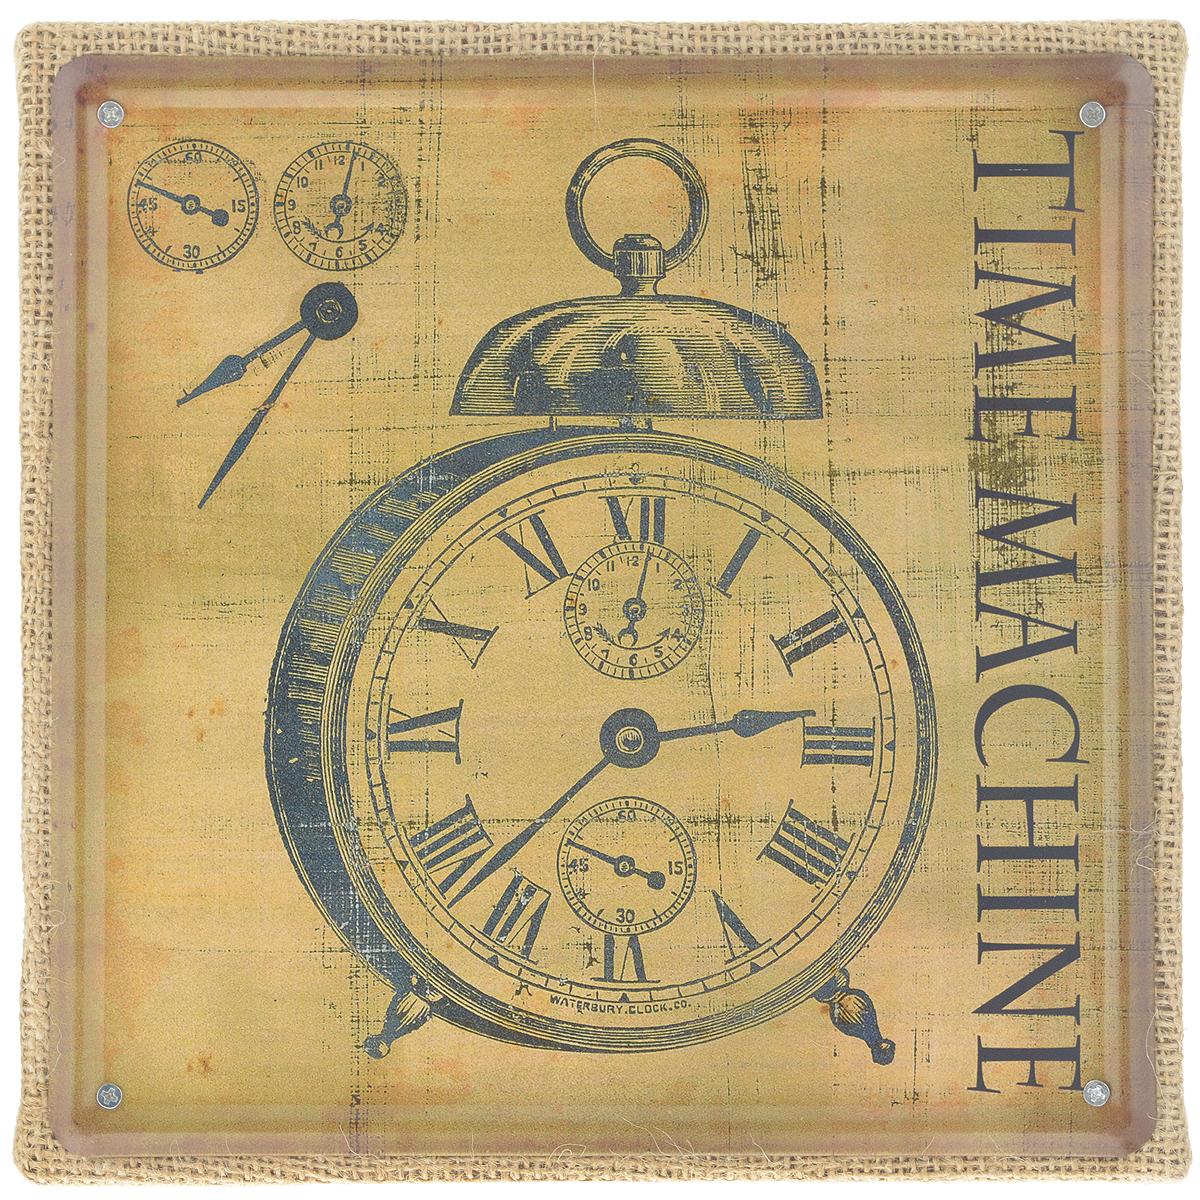 Постер в рамке Феникс-презент Часы, 20 см х 20 см37428Постер Феникс-презент Часы выполнен из черного металла в рамке из МДФ, которая обтянута натуральным льном. На постере изображены старинные часы и надпись Time machina. Постер в раме заинтересует всех любителей оригинальных вещиц и доставит массу положительных эмоций своему обладателю.Из мелочей складывается стиль интерьера. Постер в рамке Феникс-презент Часы одна из тех деталей, которые придают дому обжитой вид и создают ощущение уюта.Размер постера 20 см х 20 см. Размер с рамки: 21 см х 21 см х 2 см.